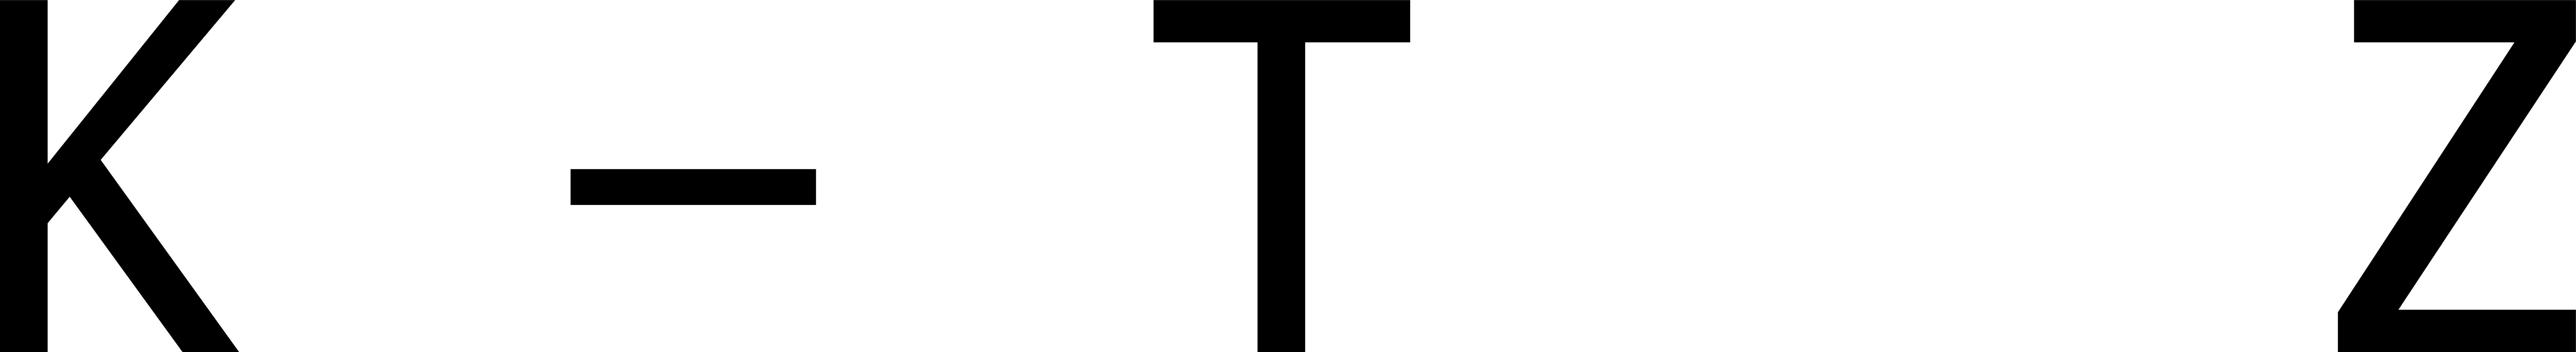 Kraupa-Tuskany Zeidler company logo